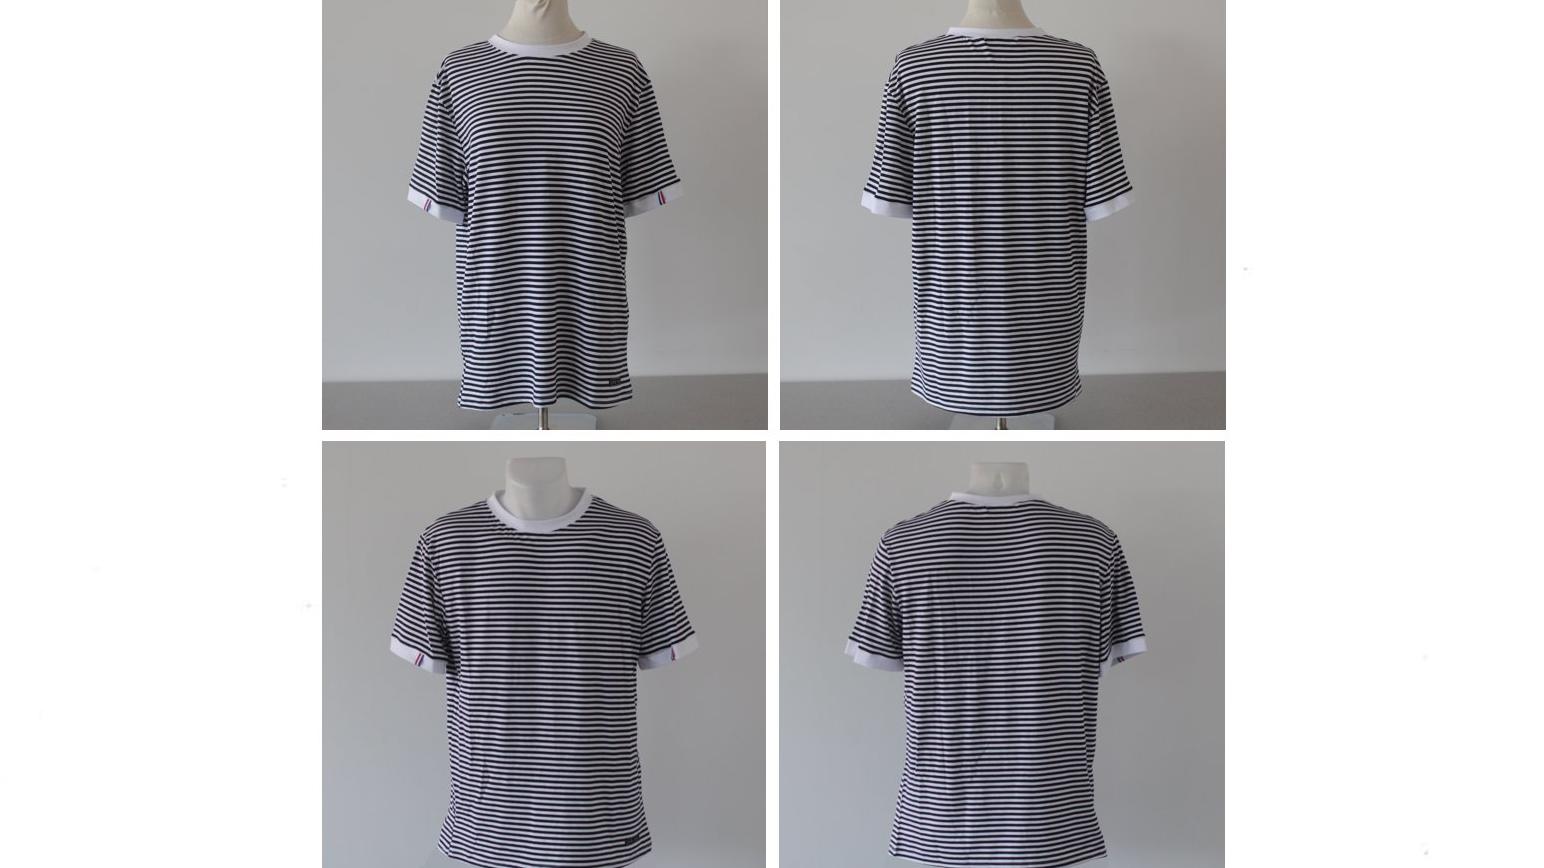 t_shirt_raye__sur_mannequin-1523100768.jpeg